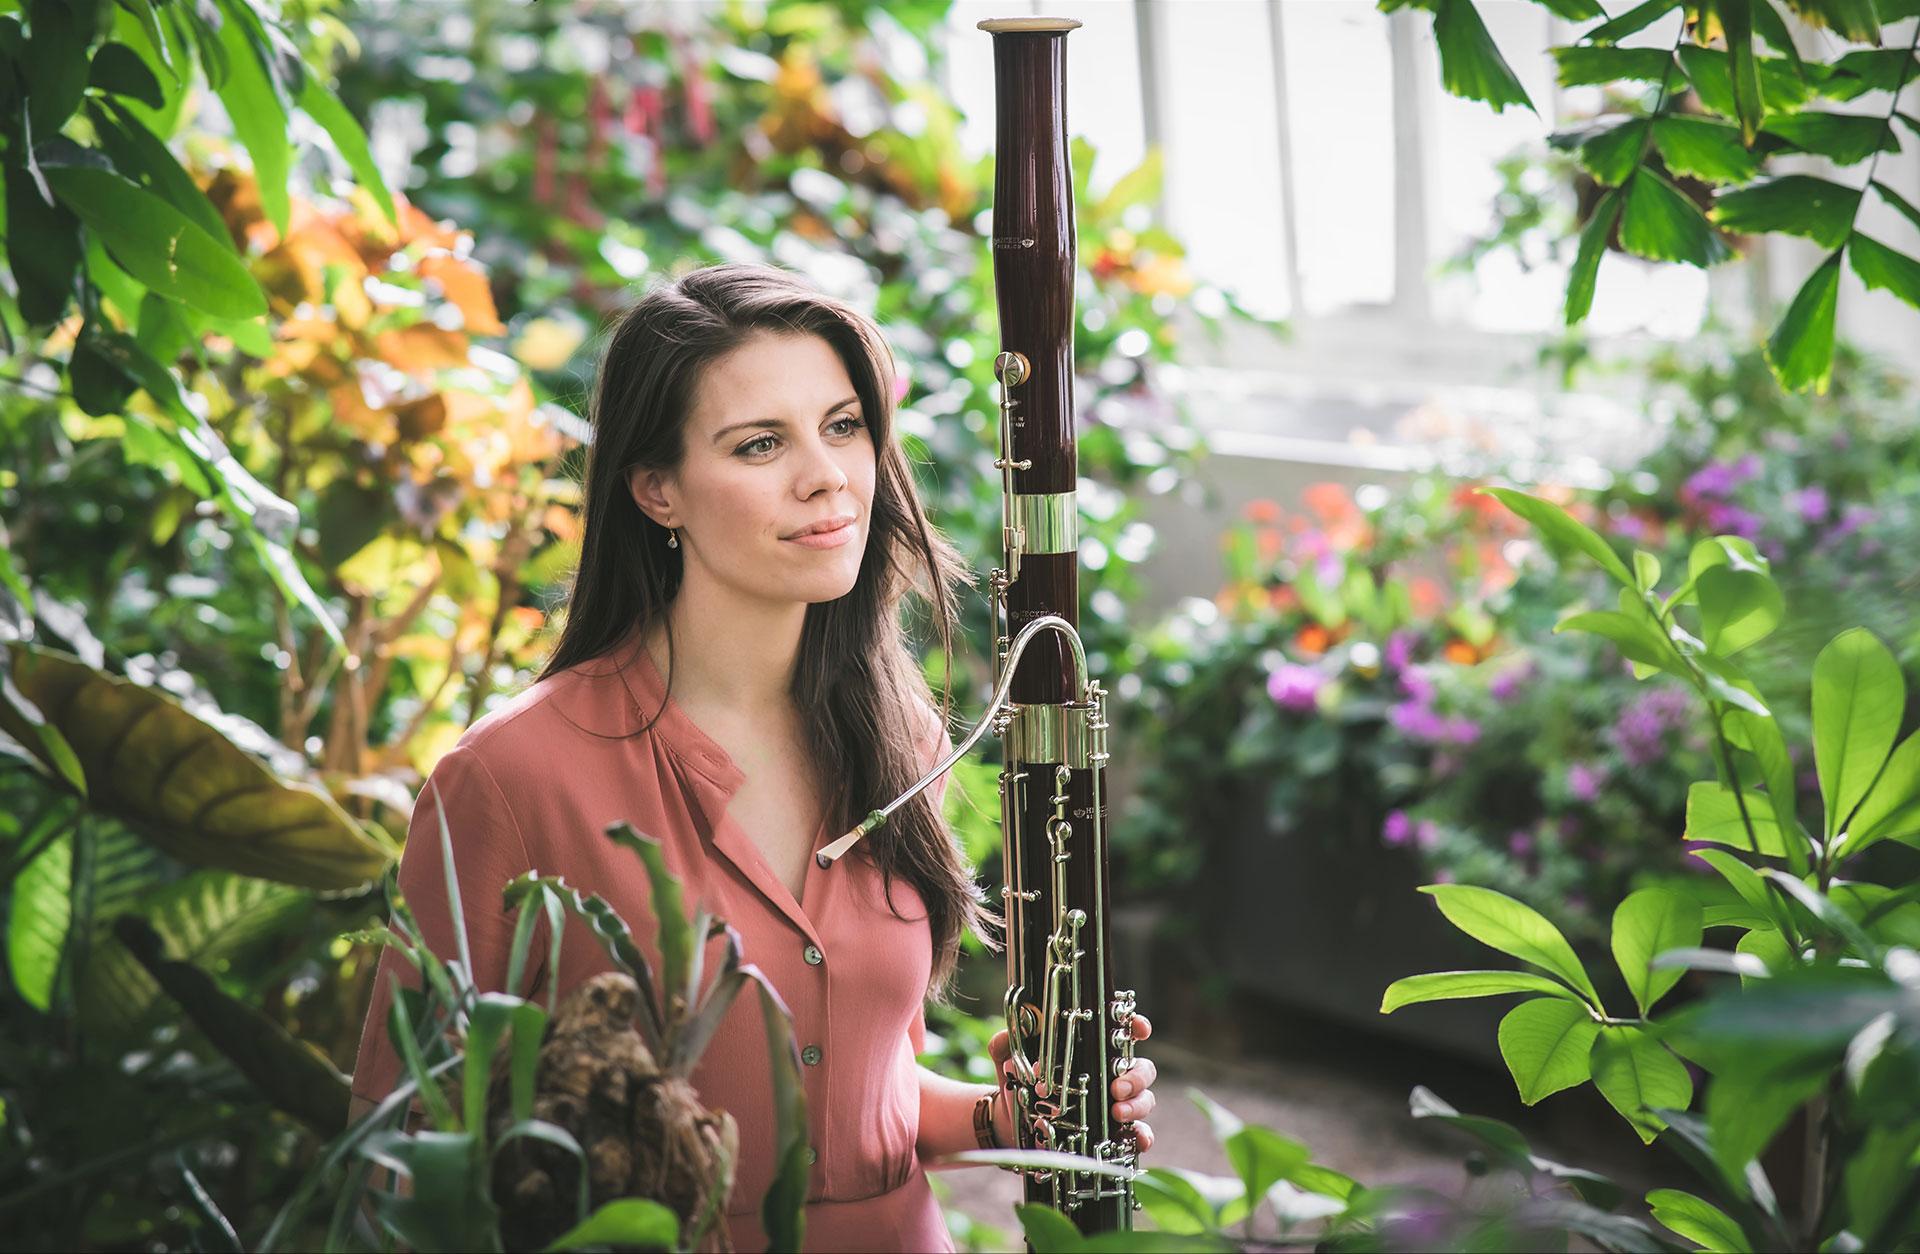 Kaitlyn Cameron, klädd i klänning, håller sin fagott bland träd och blad i Wiens palmhus.